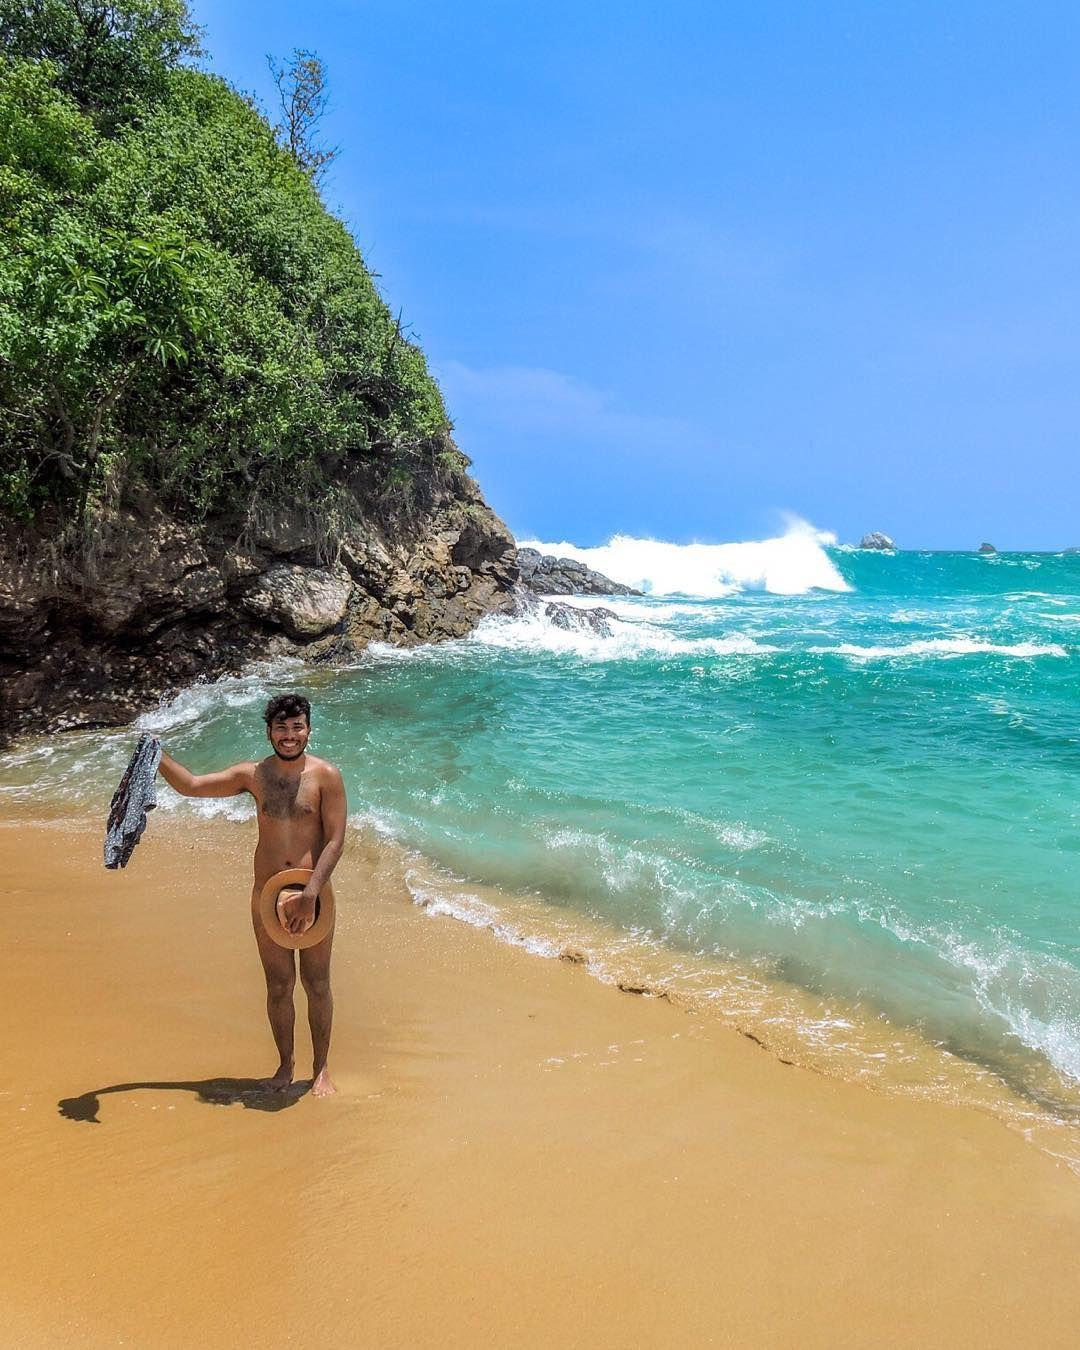 Personas desnudas en playas nudistas Nude Photos 50